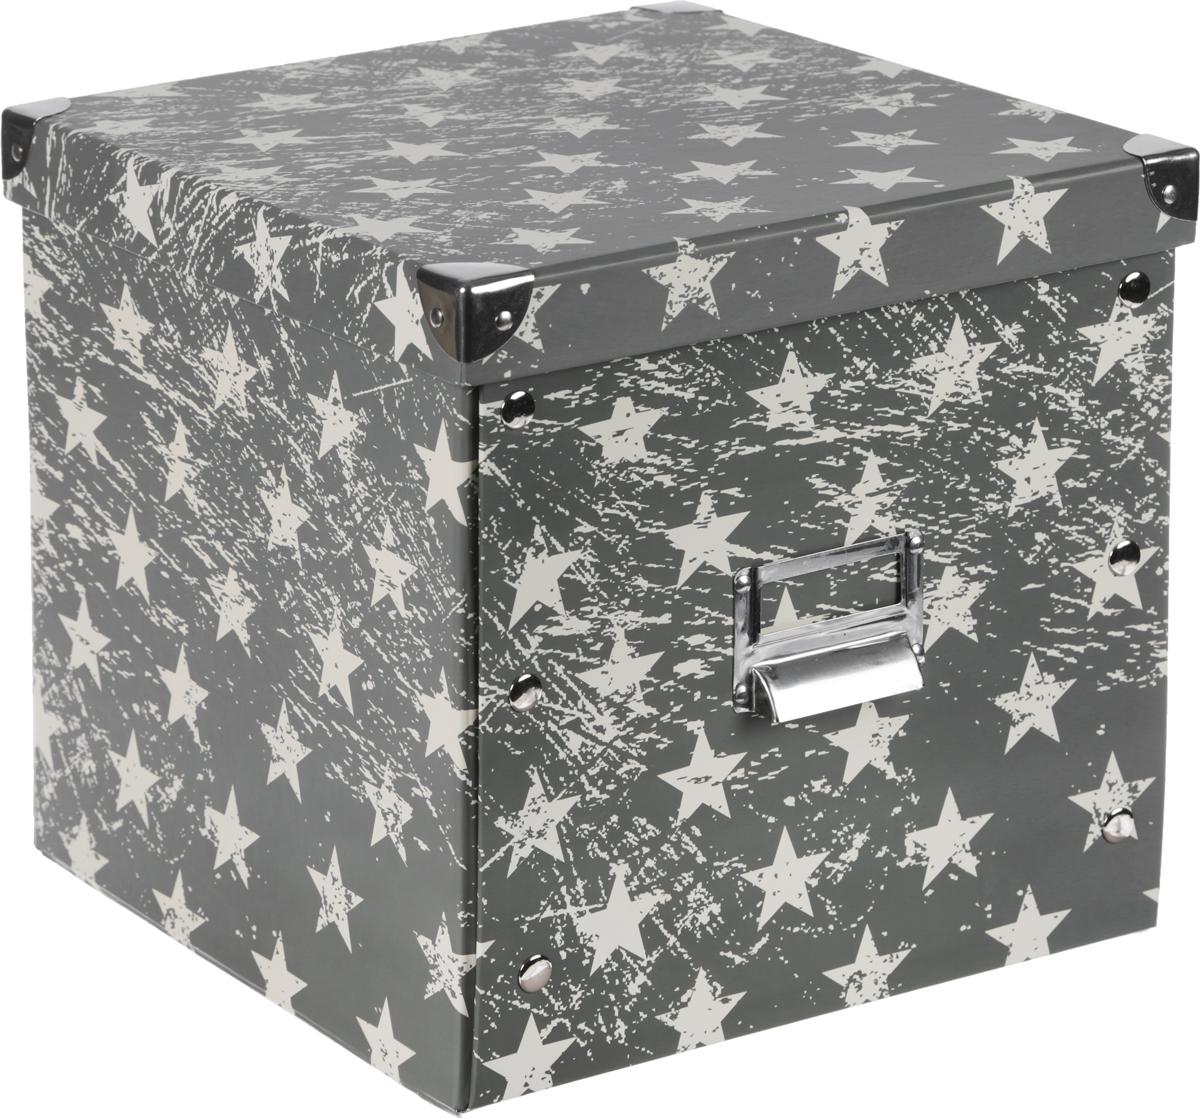 Коробка для хранения, складная, цвет: хаки, бежевый, 28 х 28 х 27 смБрелок для ключейКоробкадля хранения изготовлена из высококачественного плотного картонаи оформлена оригинальным принтом. Она предназначена для хранения различных мелочей. Изделие легко собирается с помощью металлических креплений и не занимает много места. Такая коробка для хранения идеальное решение для аккуратного хранения различных ниток, канцелярских товаров.Размер коробки (в собранном виде): 28 х 28 х 27 см.